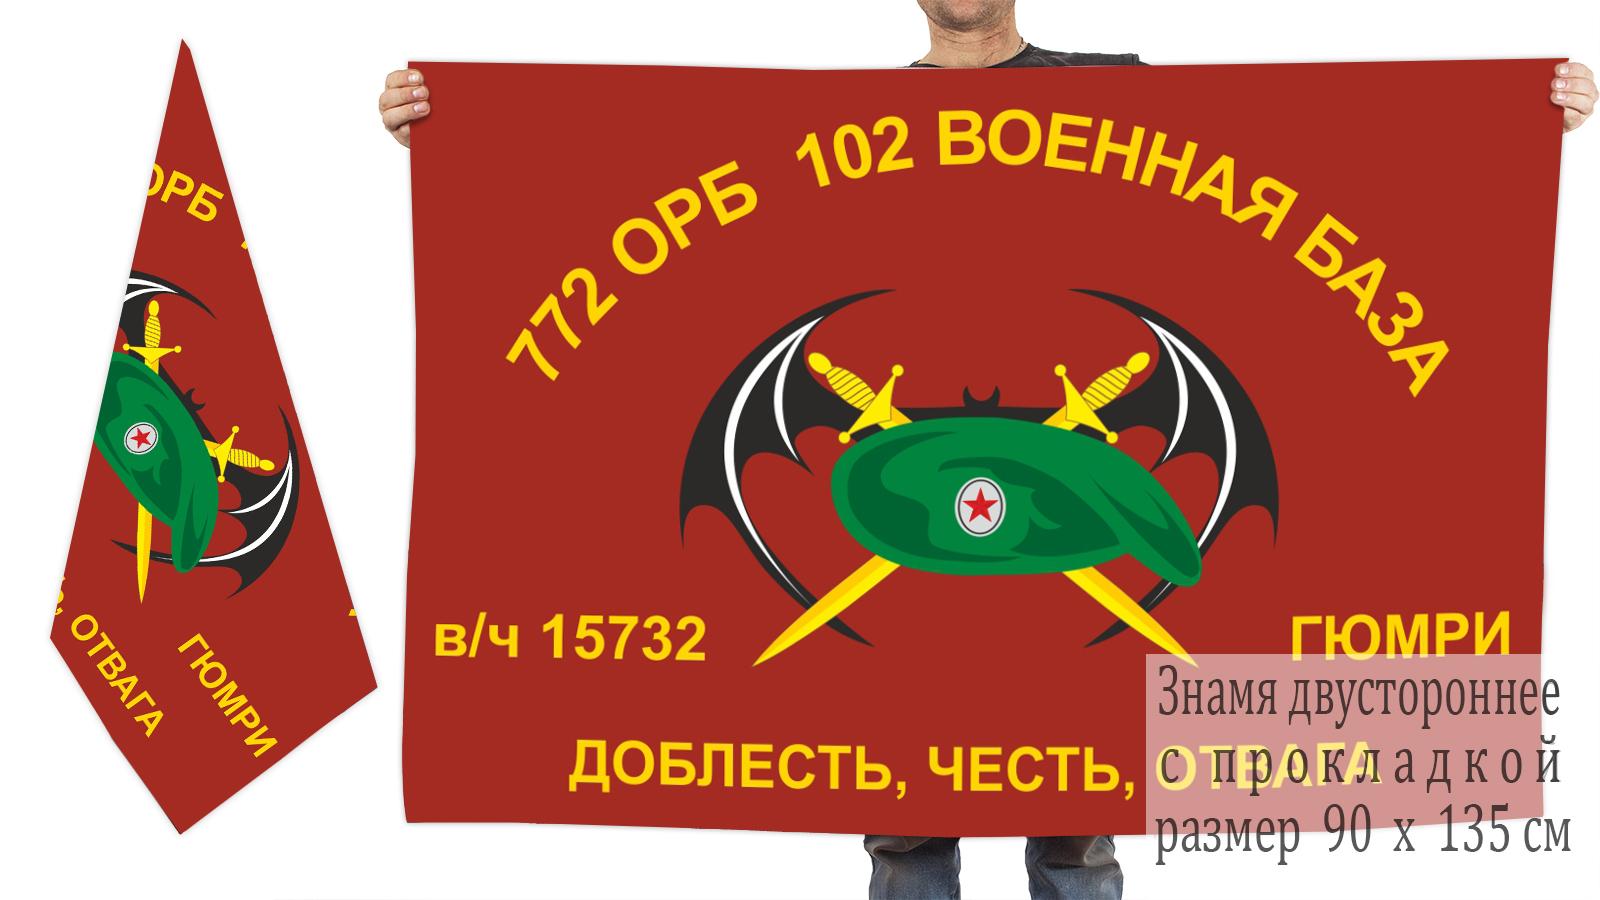 Заказать флаг 772 ОРБ 102 Военная база, Гюмри